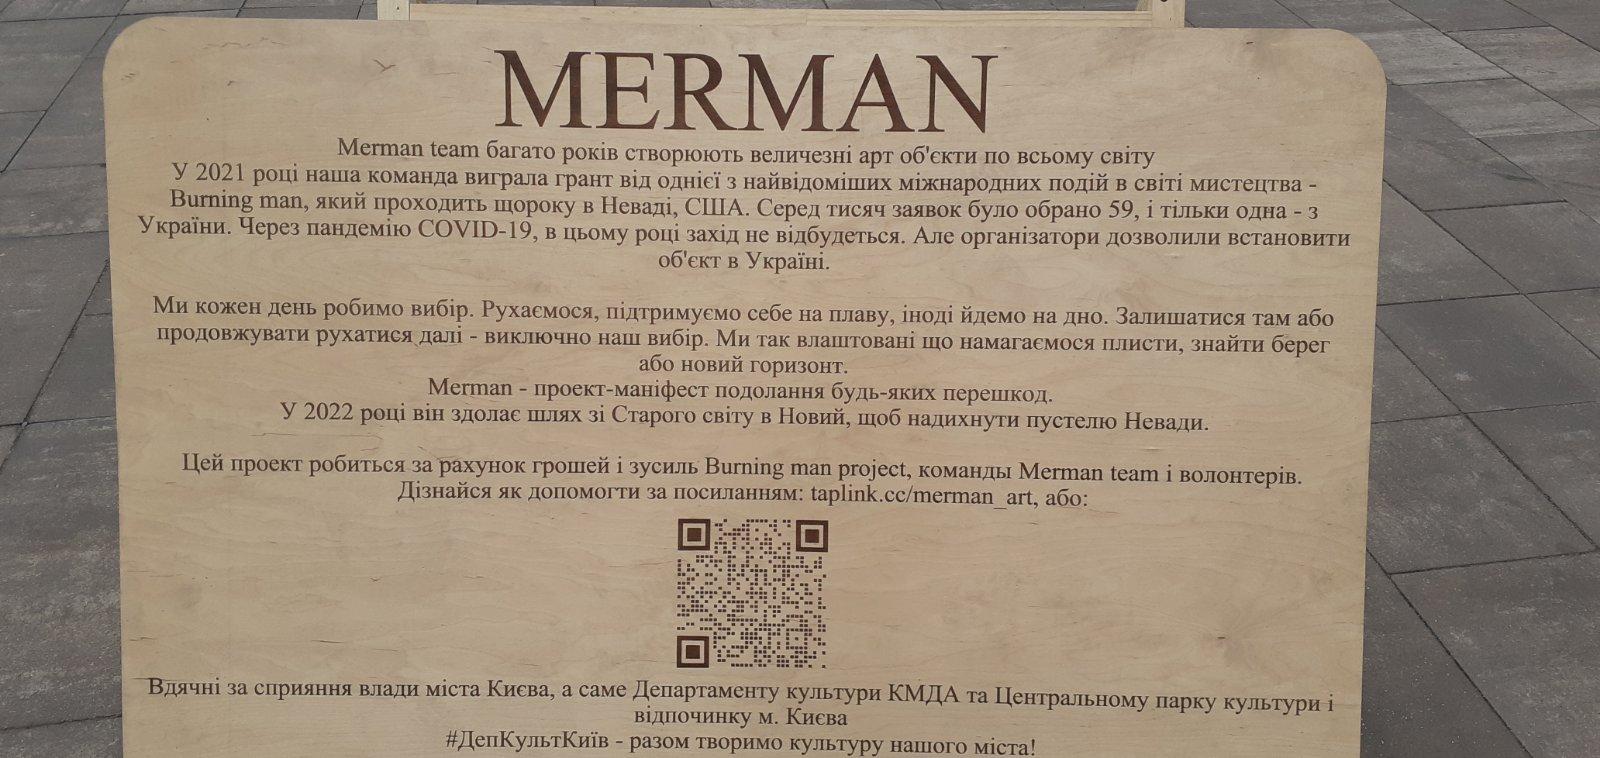 Merman: у Києві встановили арт-інсталяцію в рамках американського фестивалю Burning Man